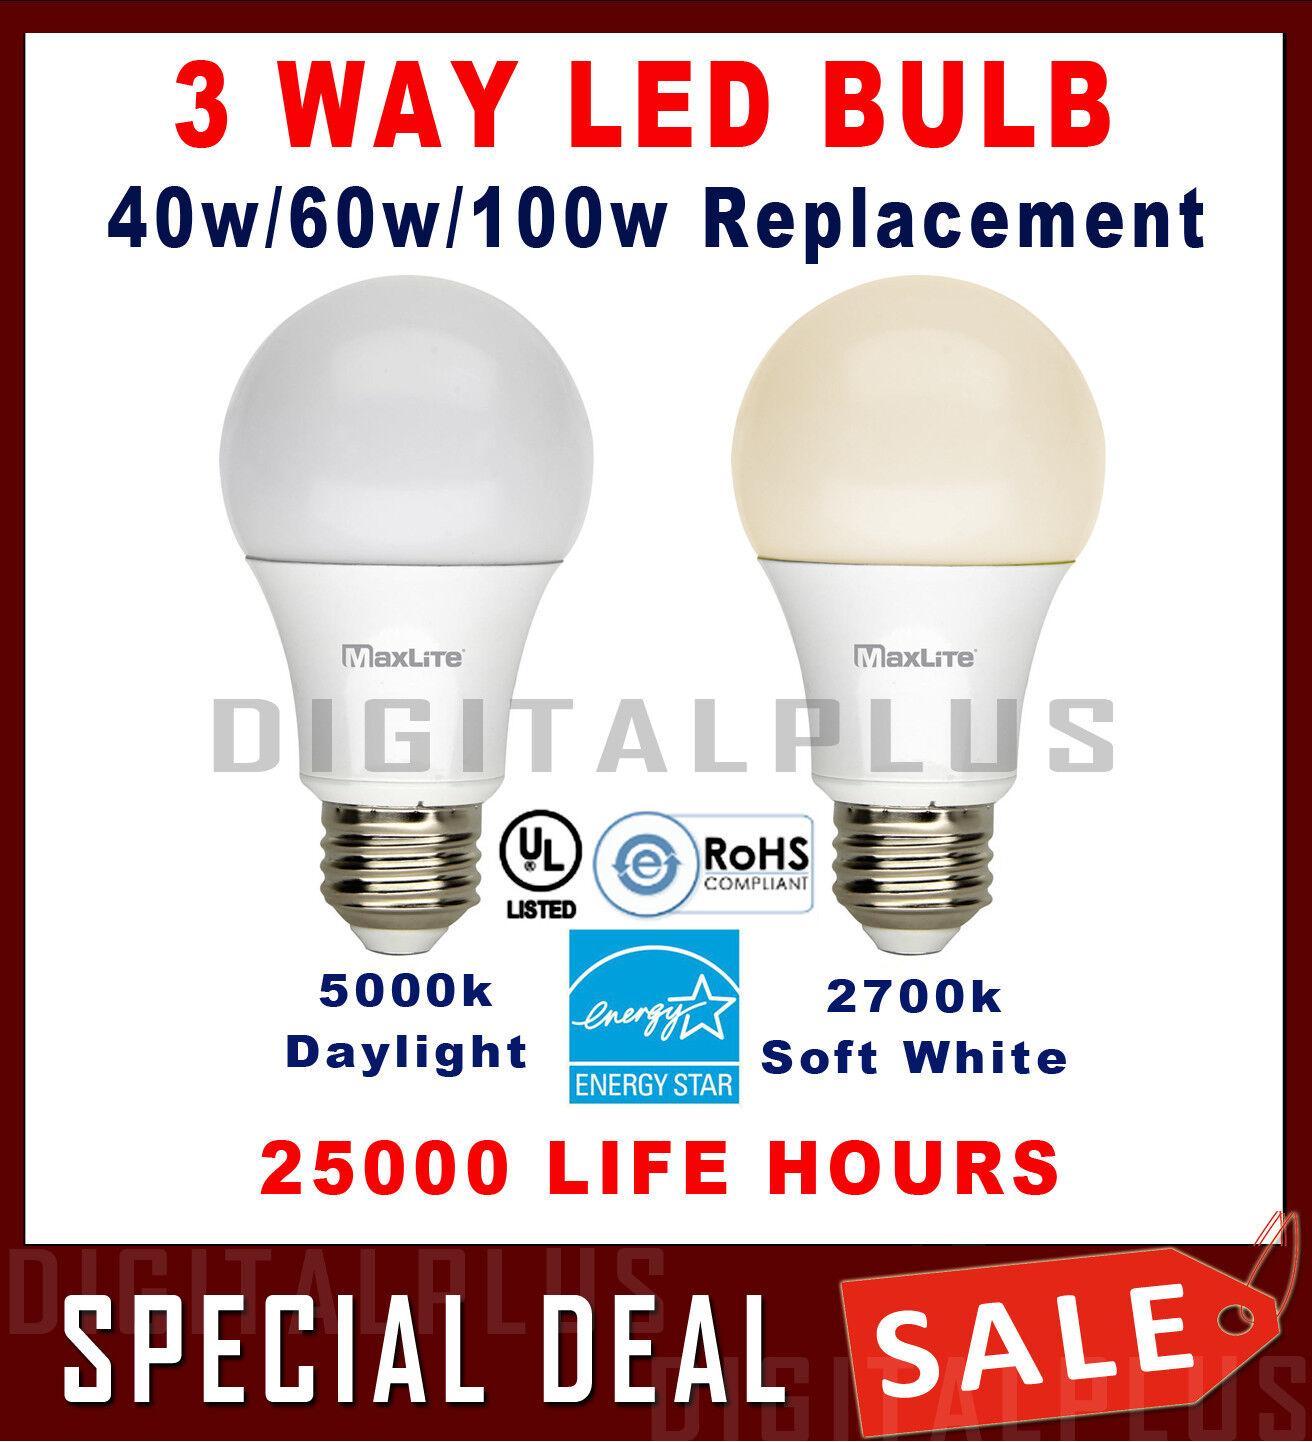 3 Way LED Bulb 40w 60w 100w Replacement 4/8/14W Daylight 500